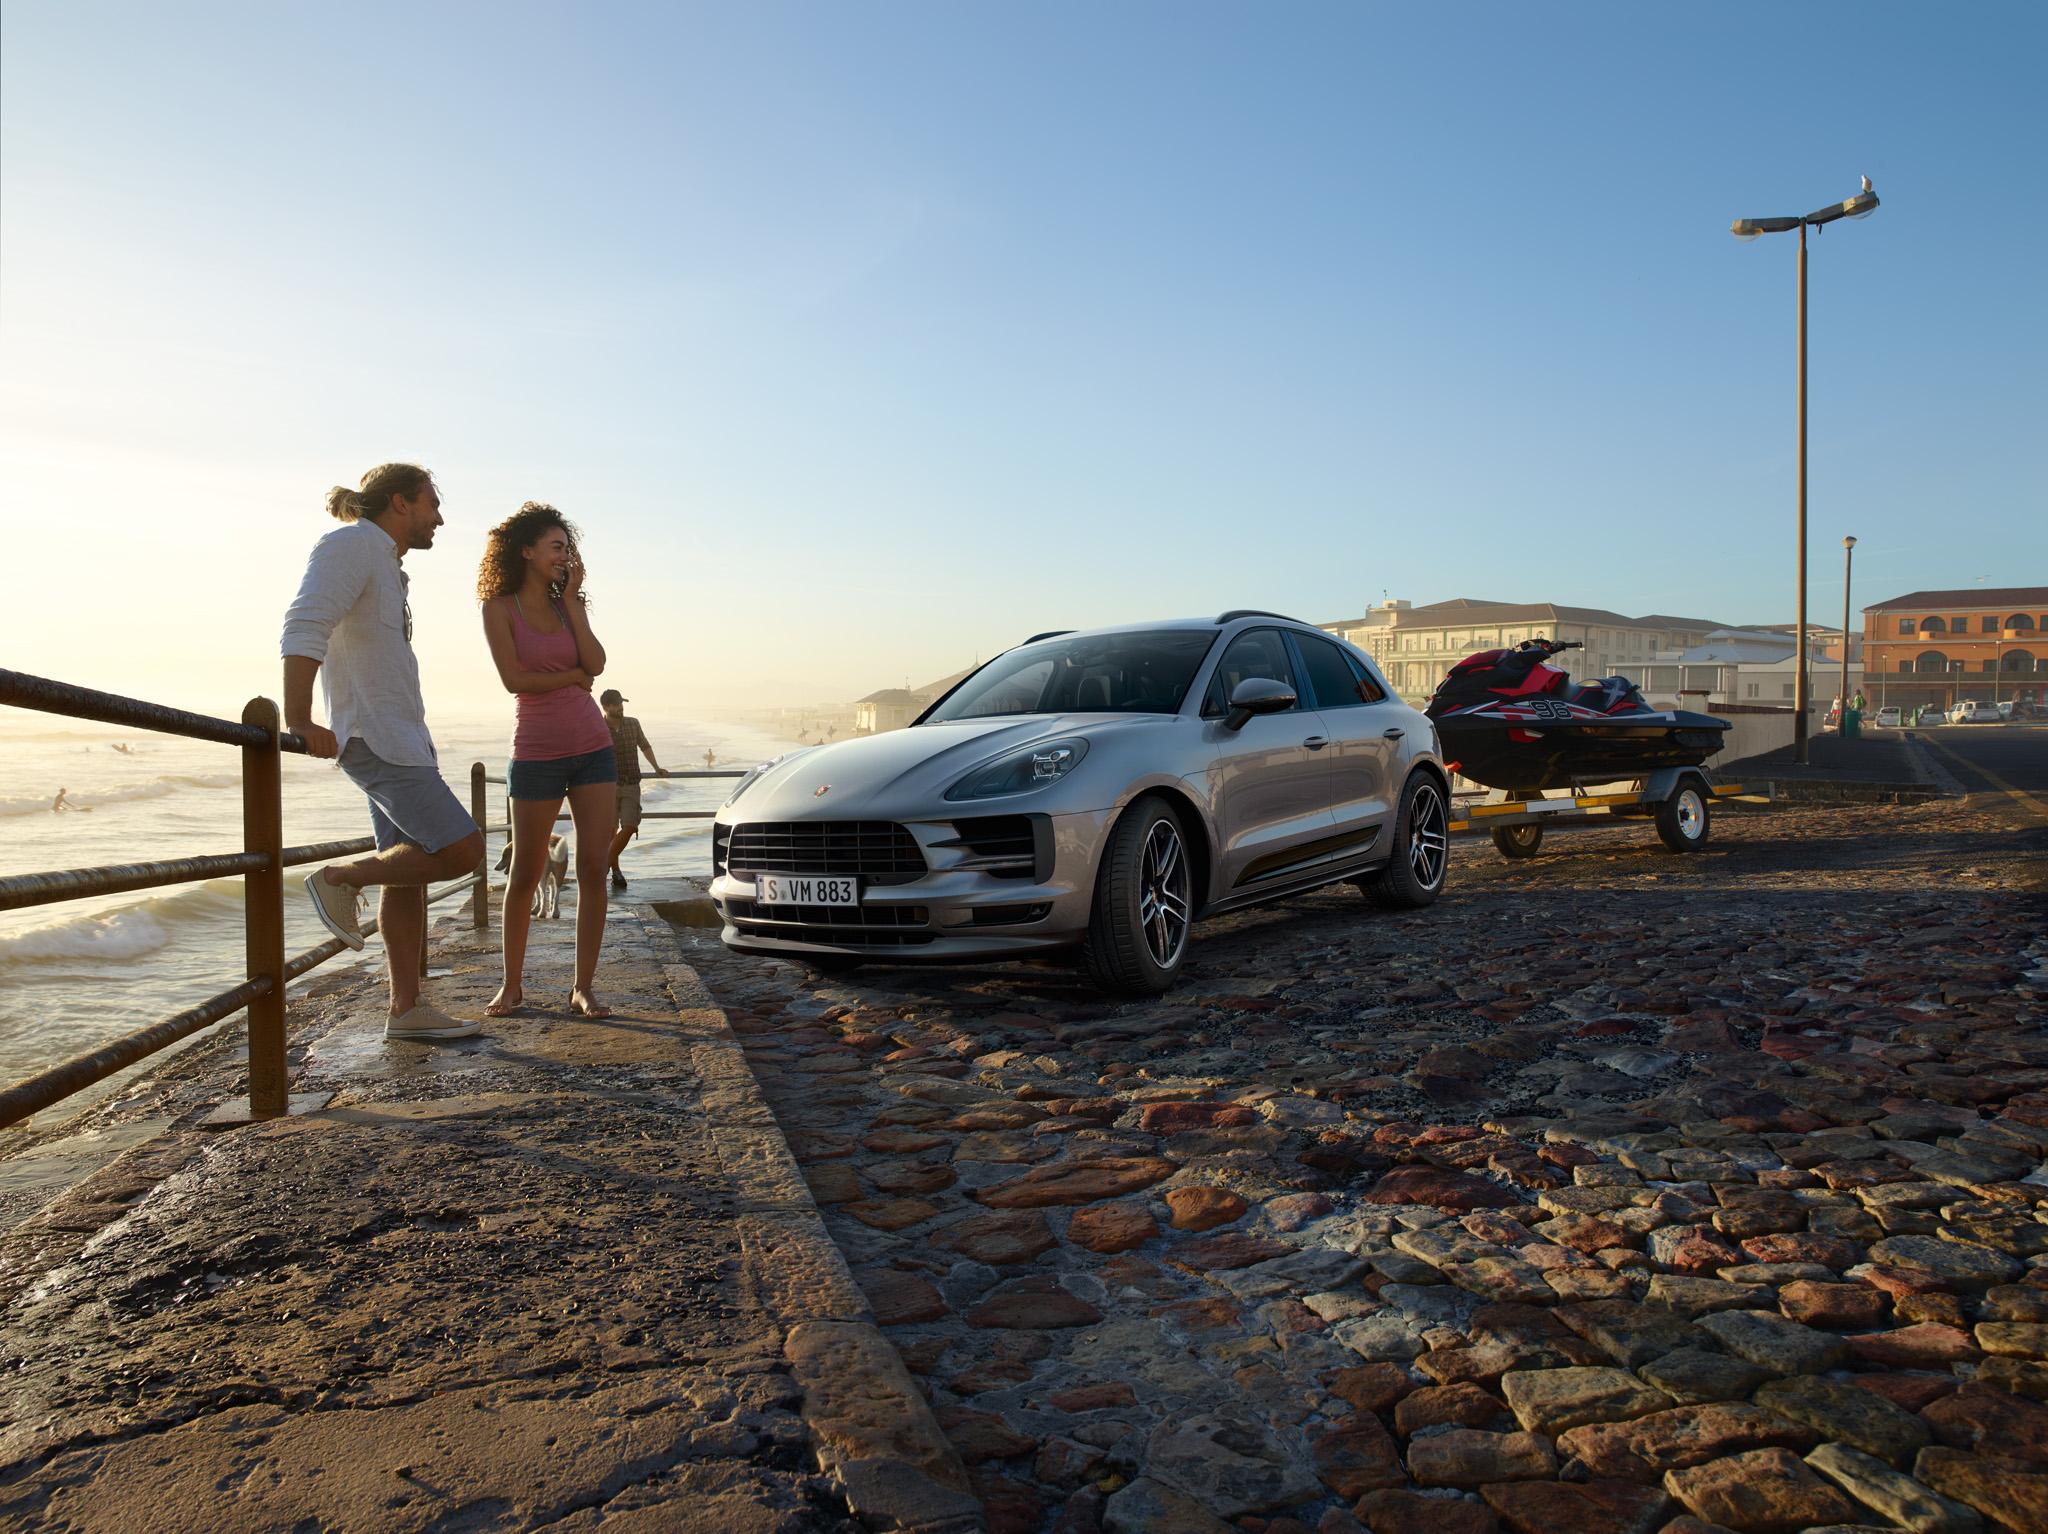 车价网:保时捷新款Macan基础款推出弹性购车新方案